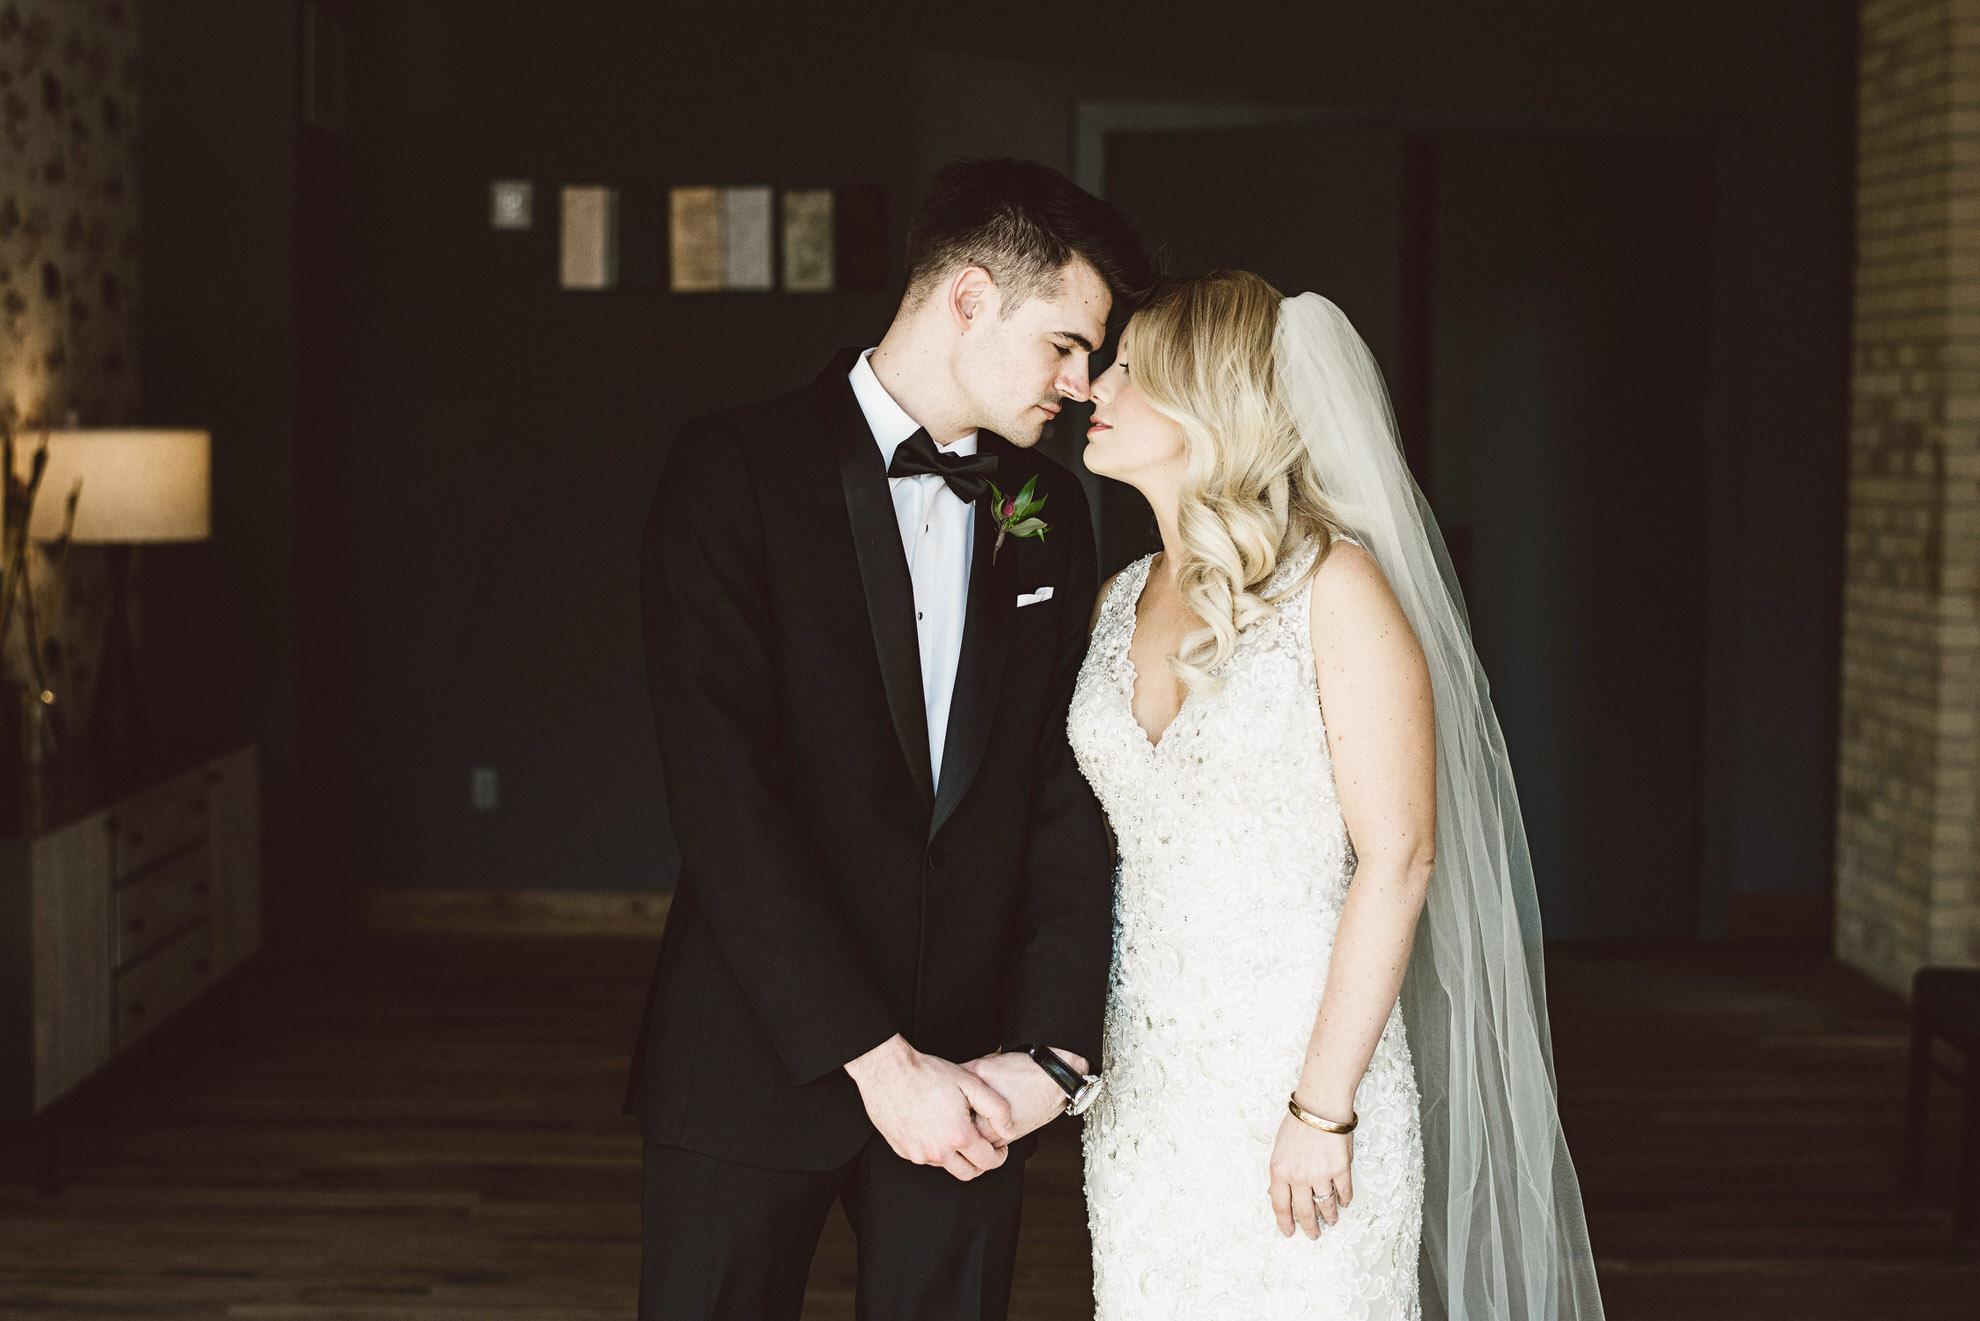 erika_Alex_wedding_by_lucas_botz_photography_0114.jpg